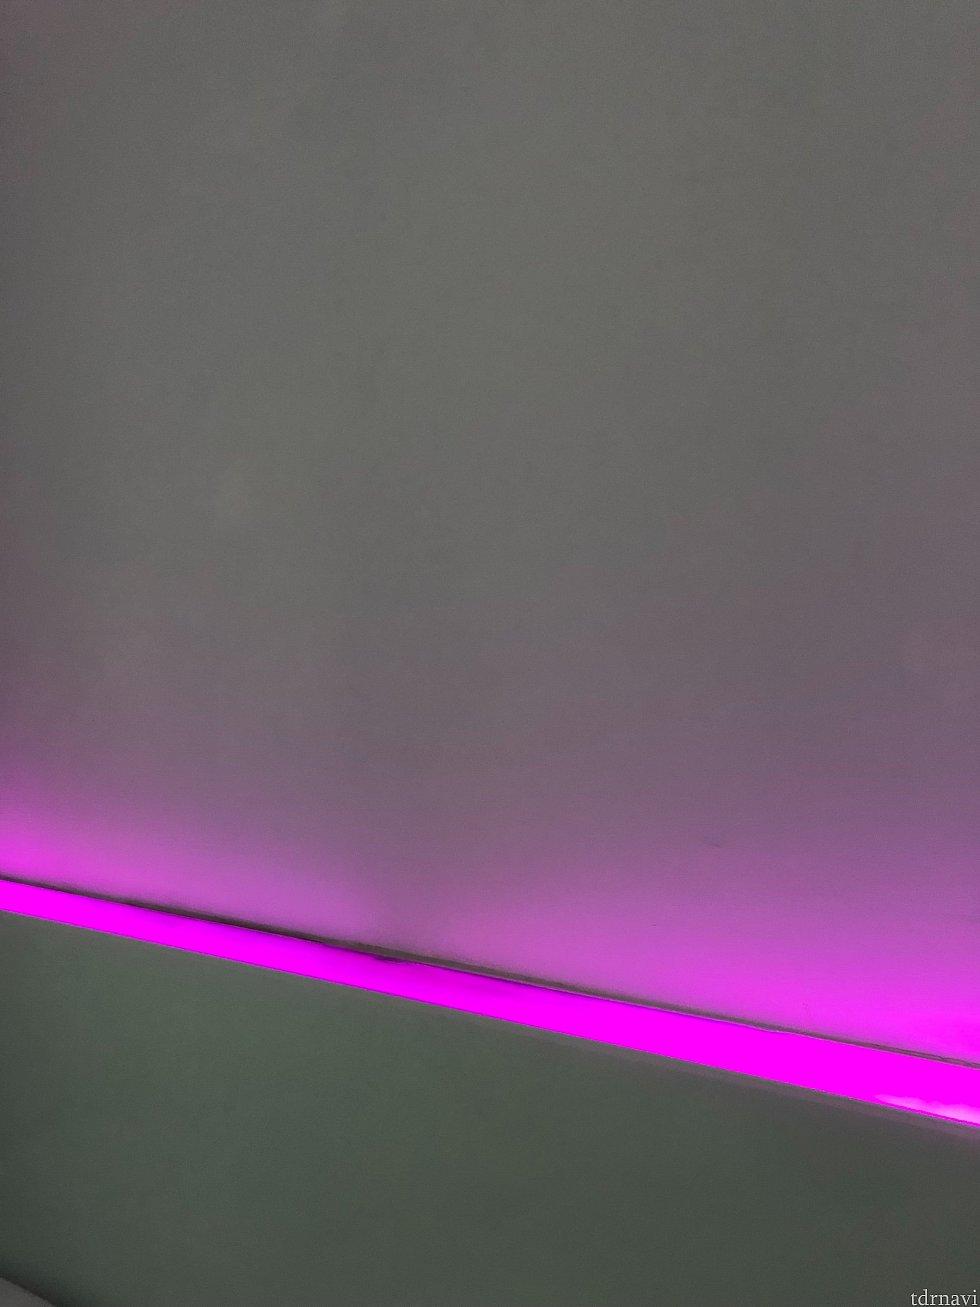 壁のライティングが調整可能です。近未来風というか、ラブホテル風というか。